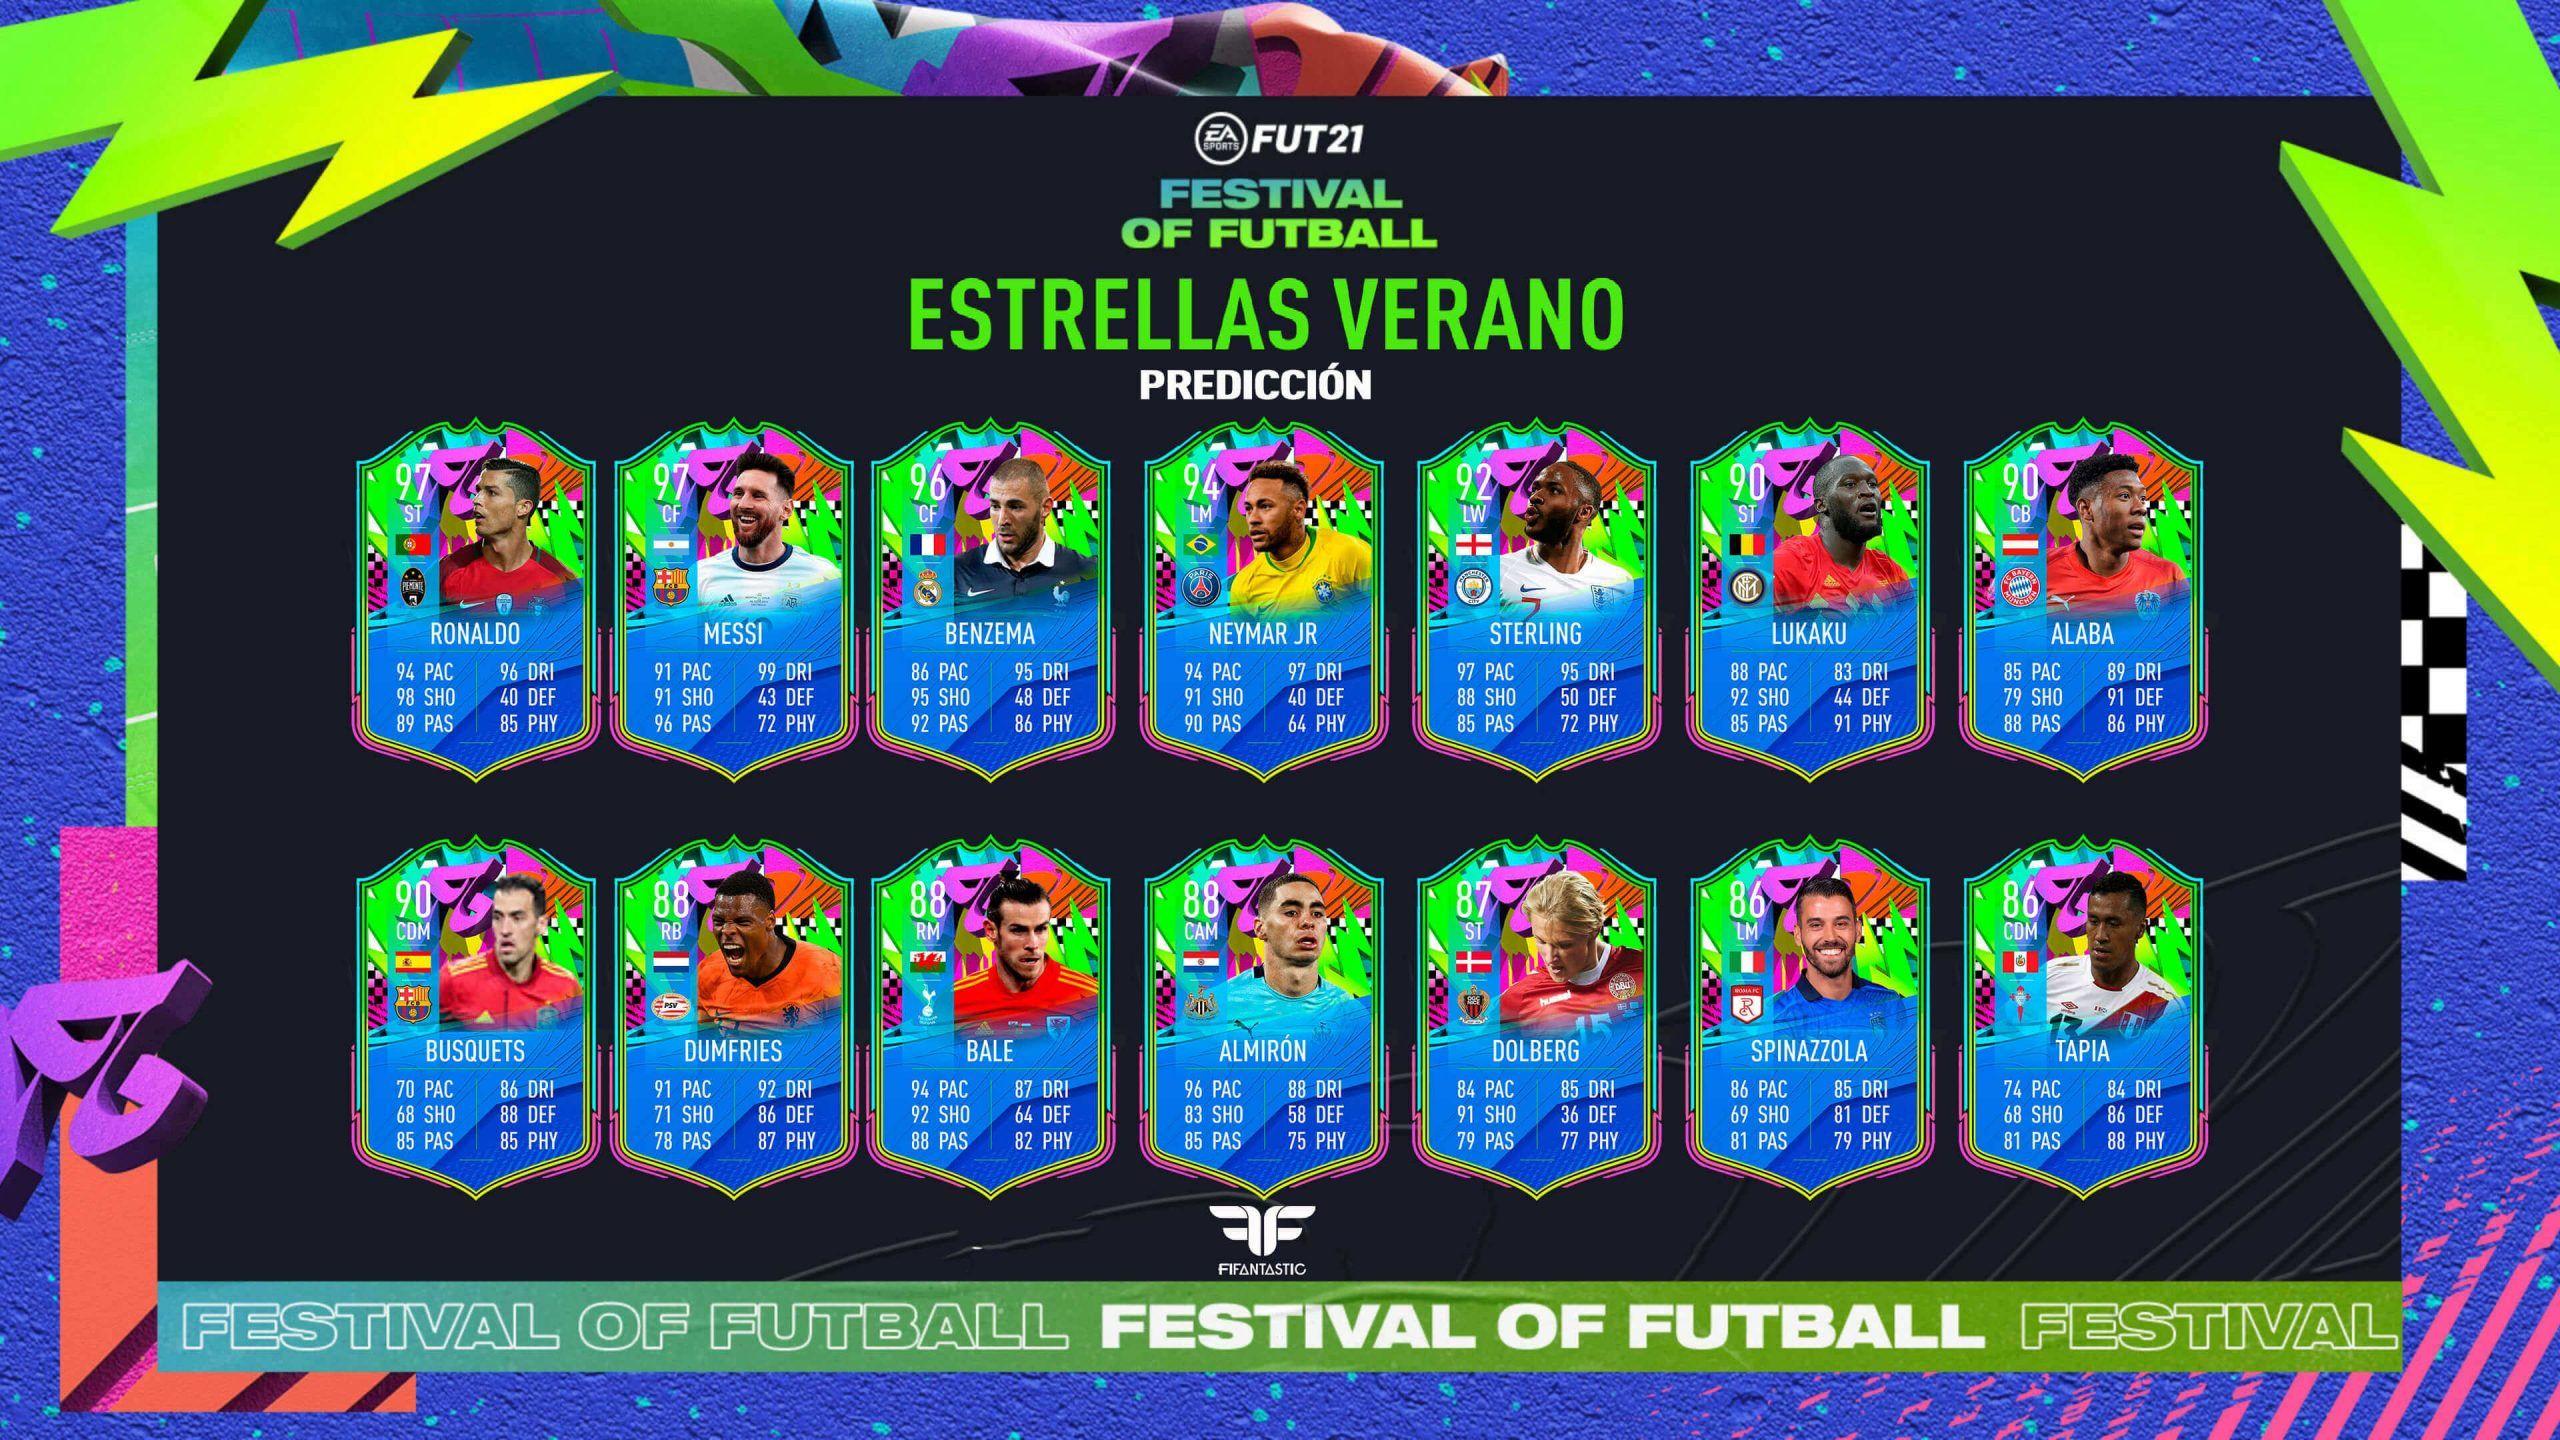 Predicción del equipo Estrellas del Verano de FIFA 21 Ultimate Team